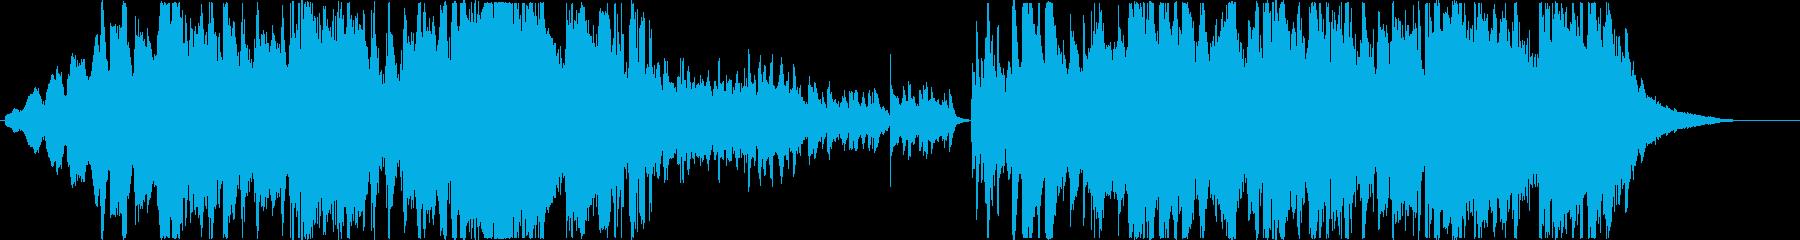 シネマ風のエレクトリックホラーBGMの再生済みの波形